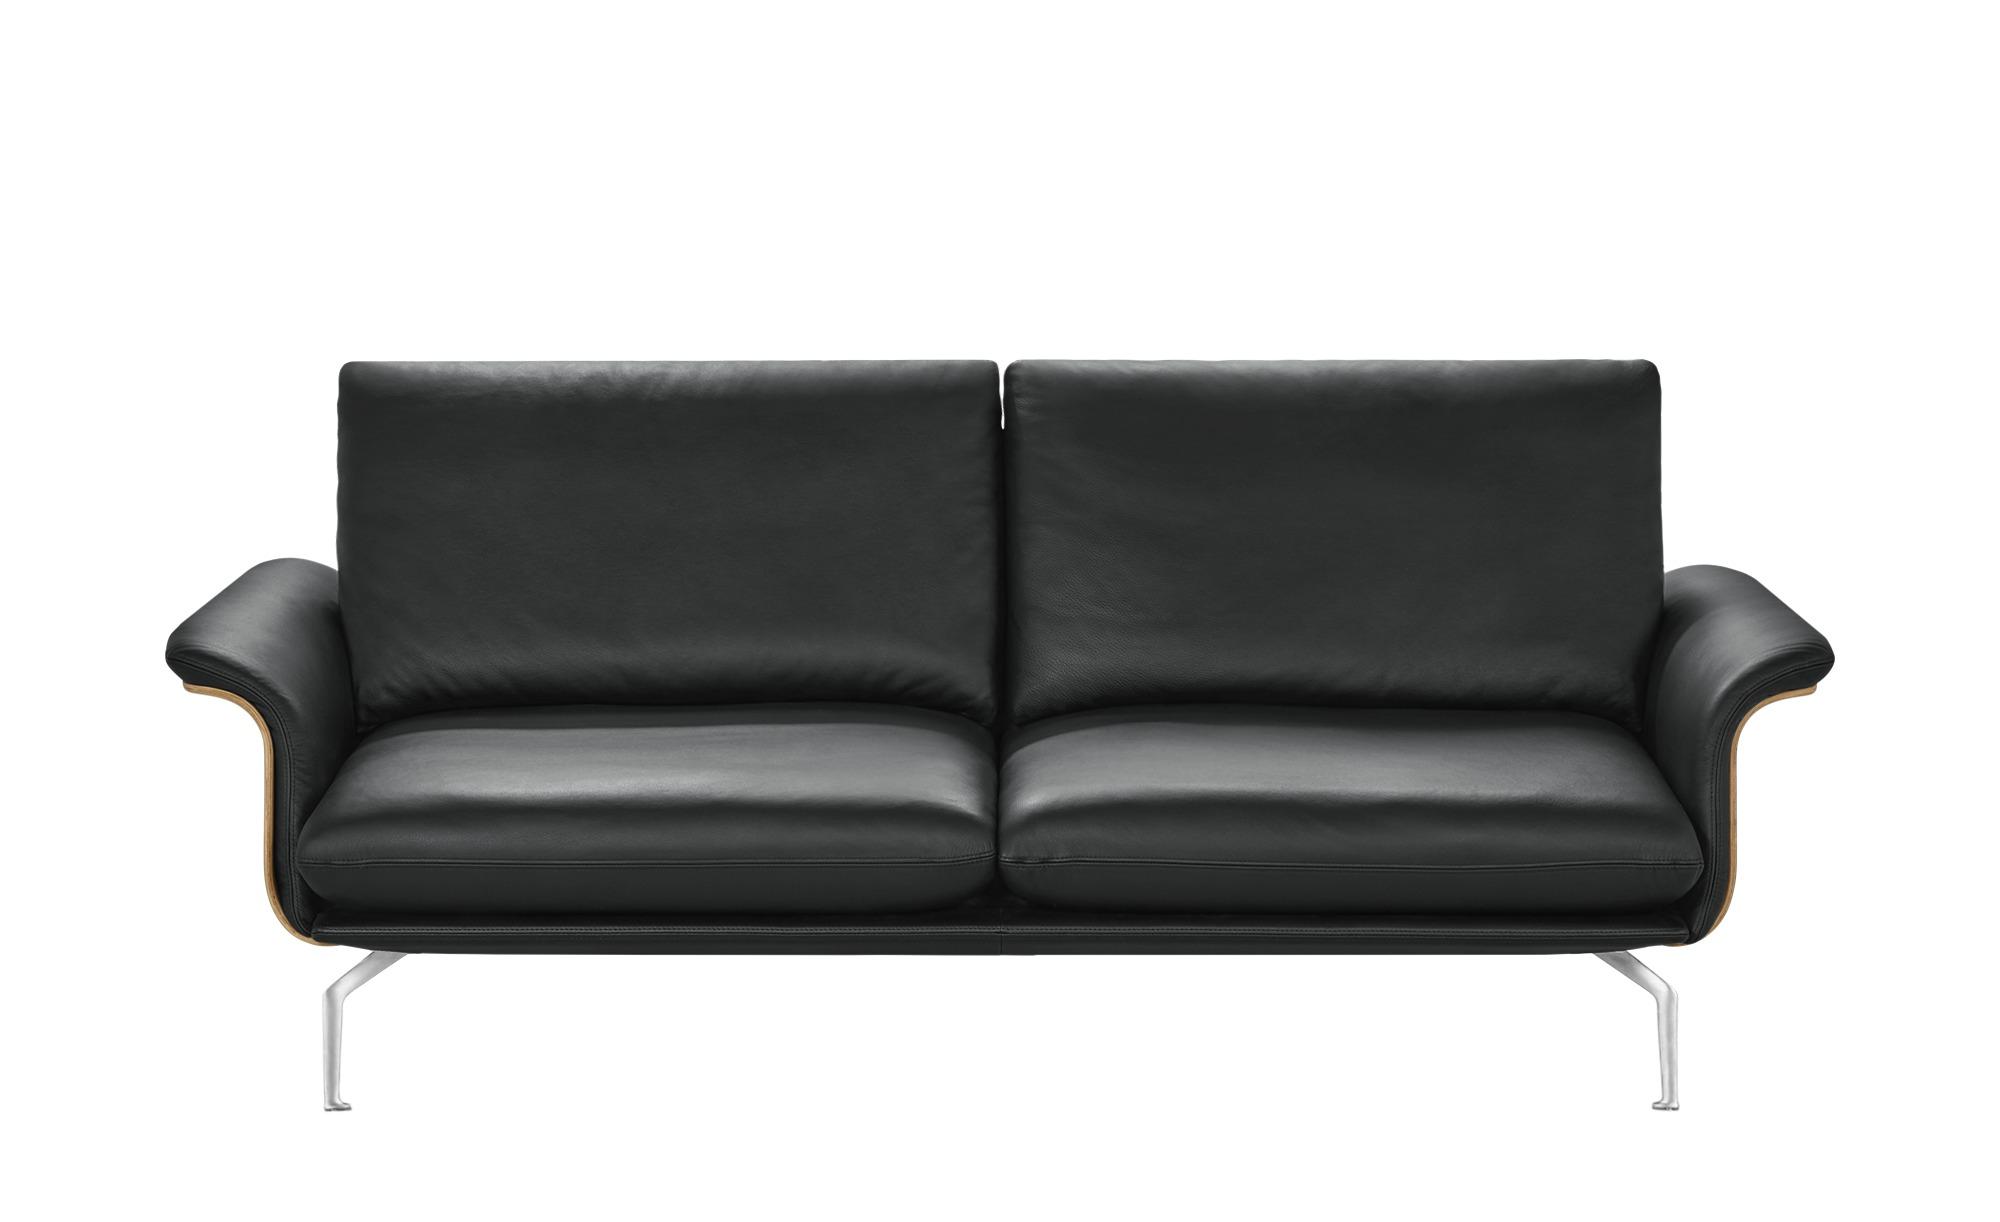 Sofa schwarz - Kunstleder/Leder Lina ¦ schwarz ¦ Maße (cm): B: 217 H: 87 T: 101 Polstermöbel > Sofas > Einzelsofas - Höffner